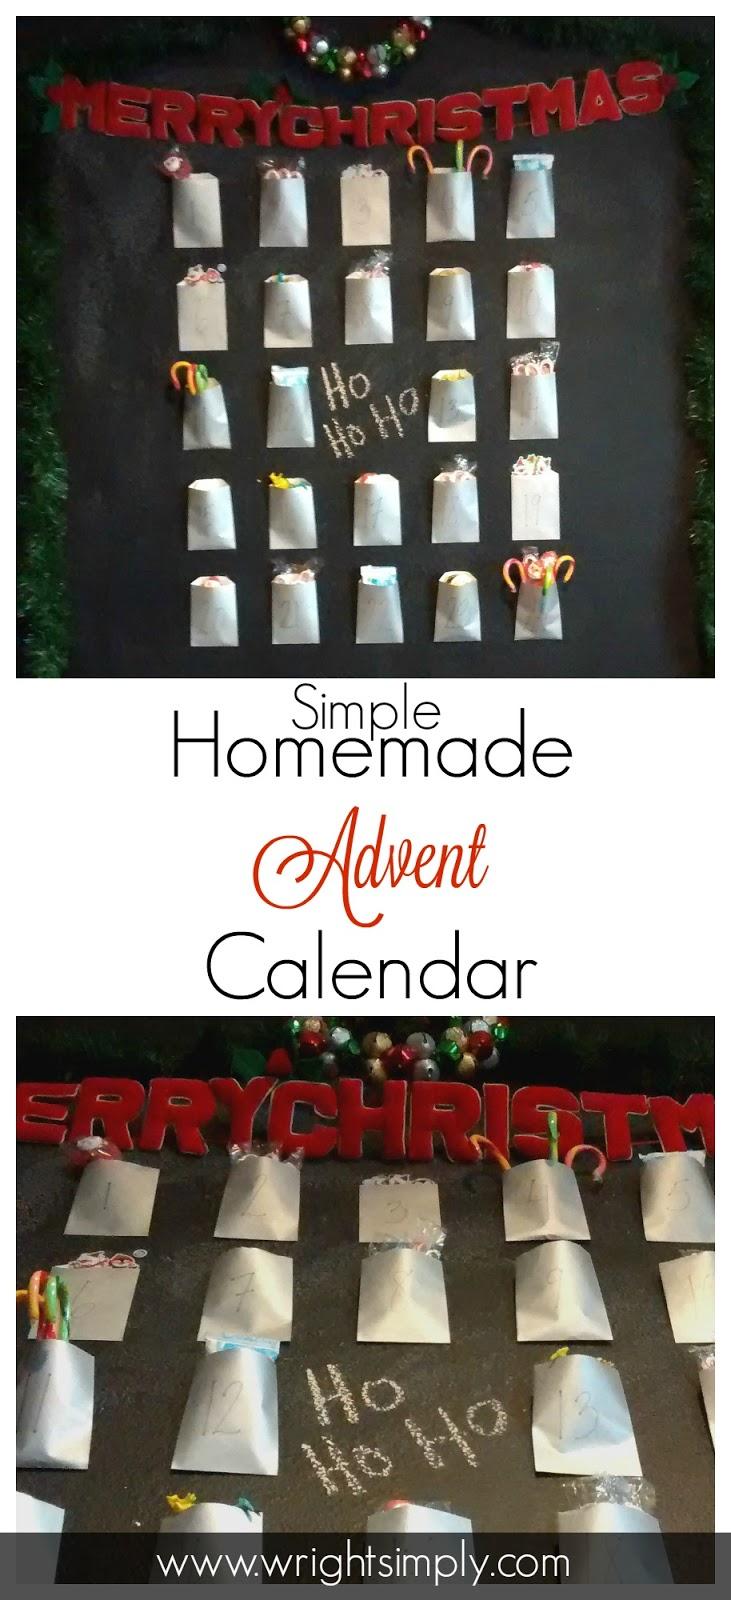 Homemade Calendars : Simply wright simple homemade advent calendar